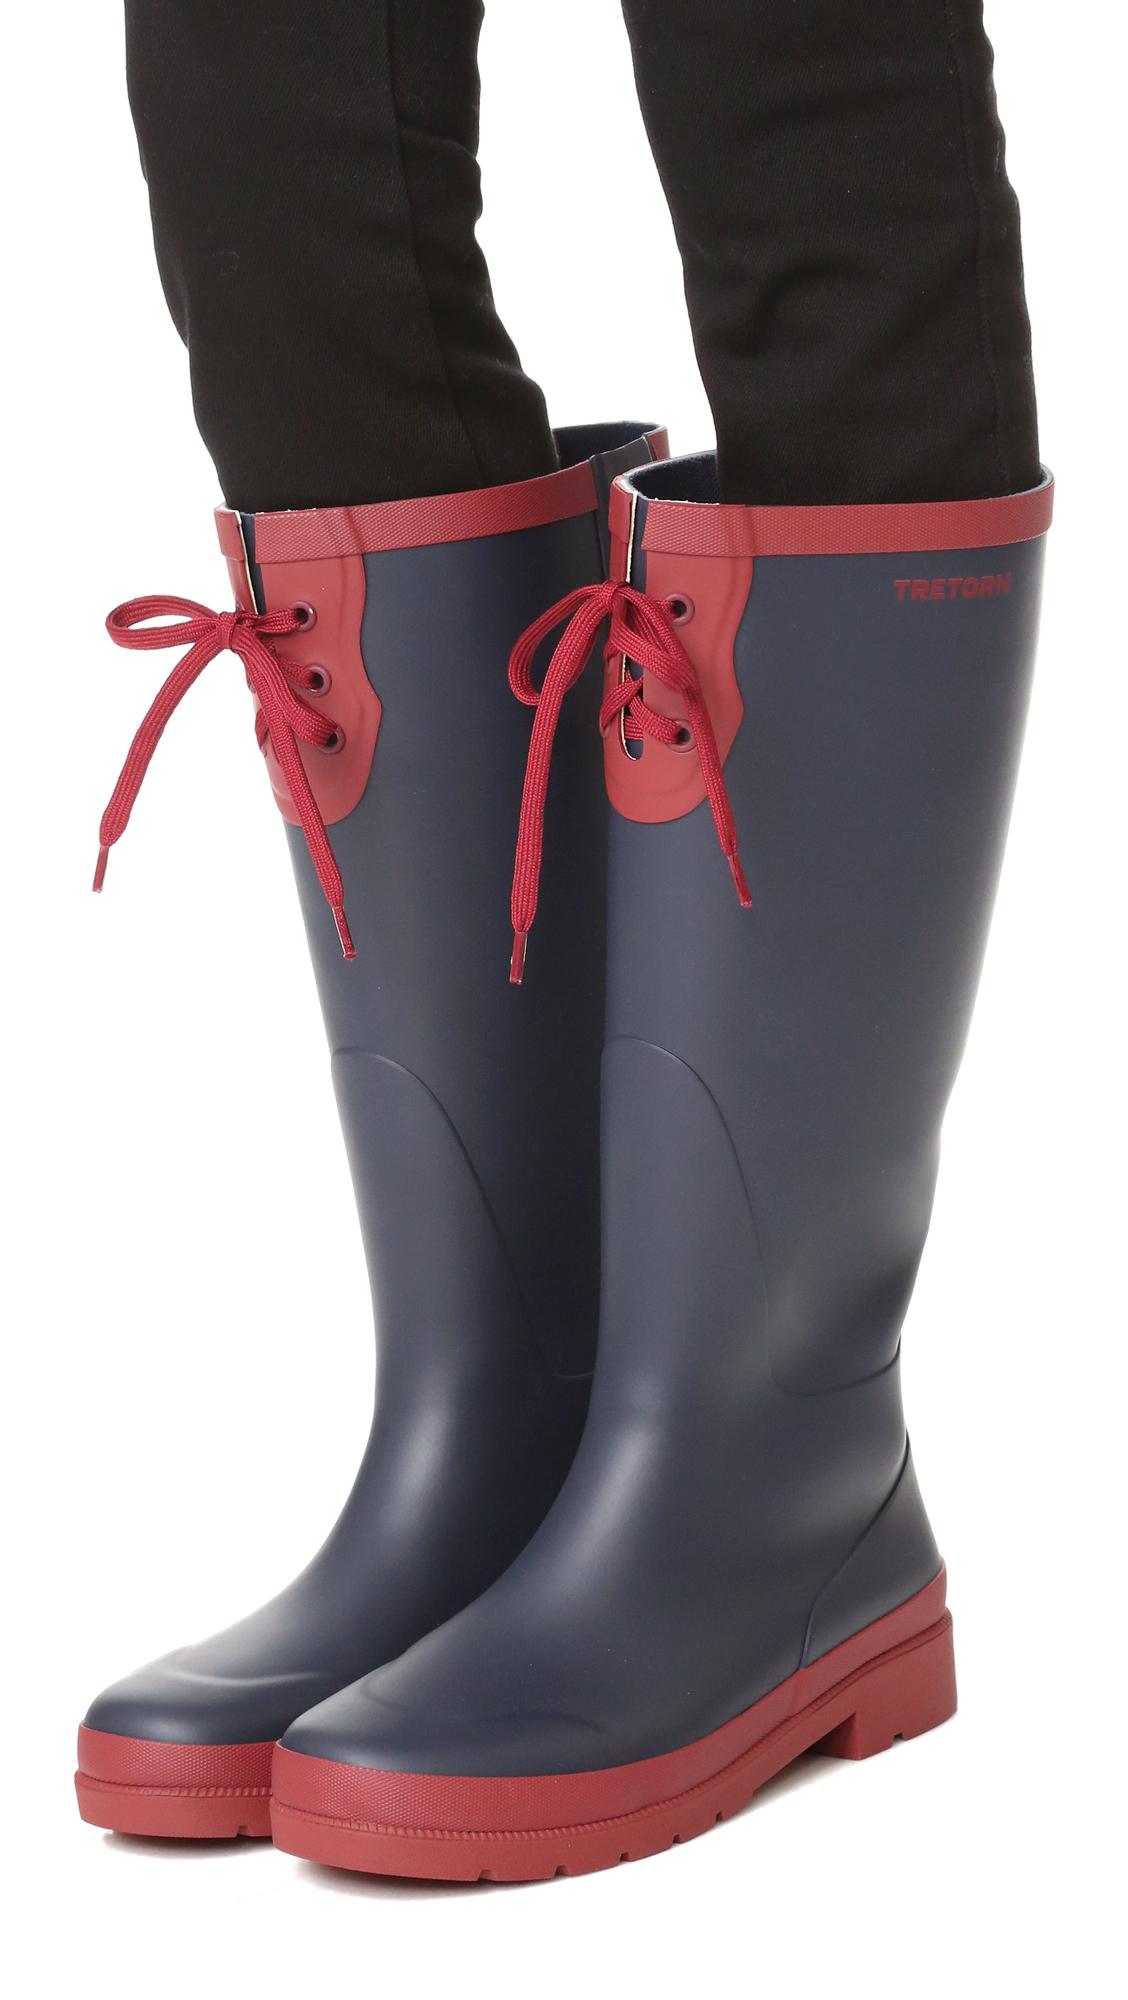 Tretorn Rubber Lacey Tall Rain Boots Lyst